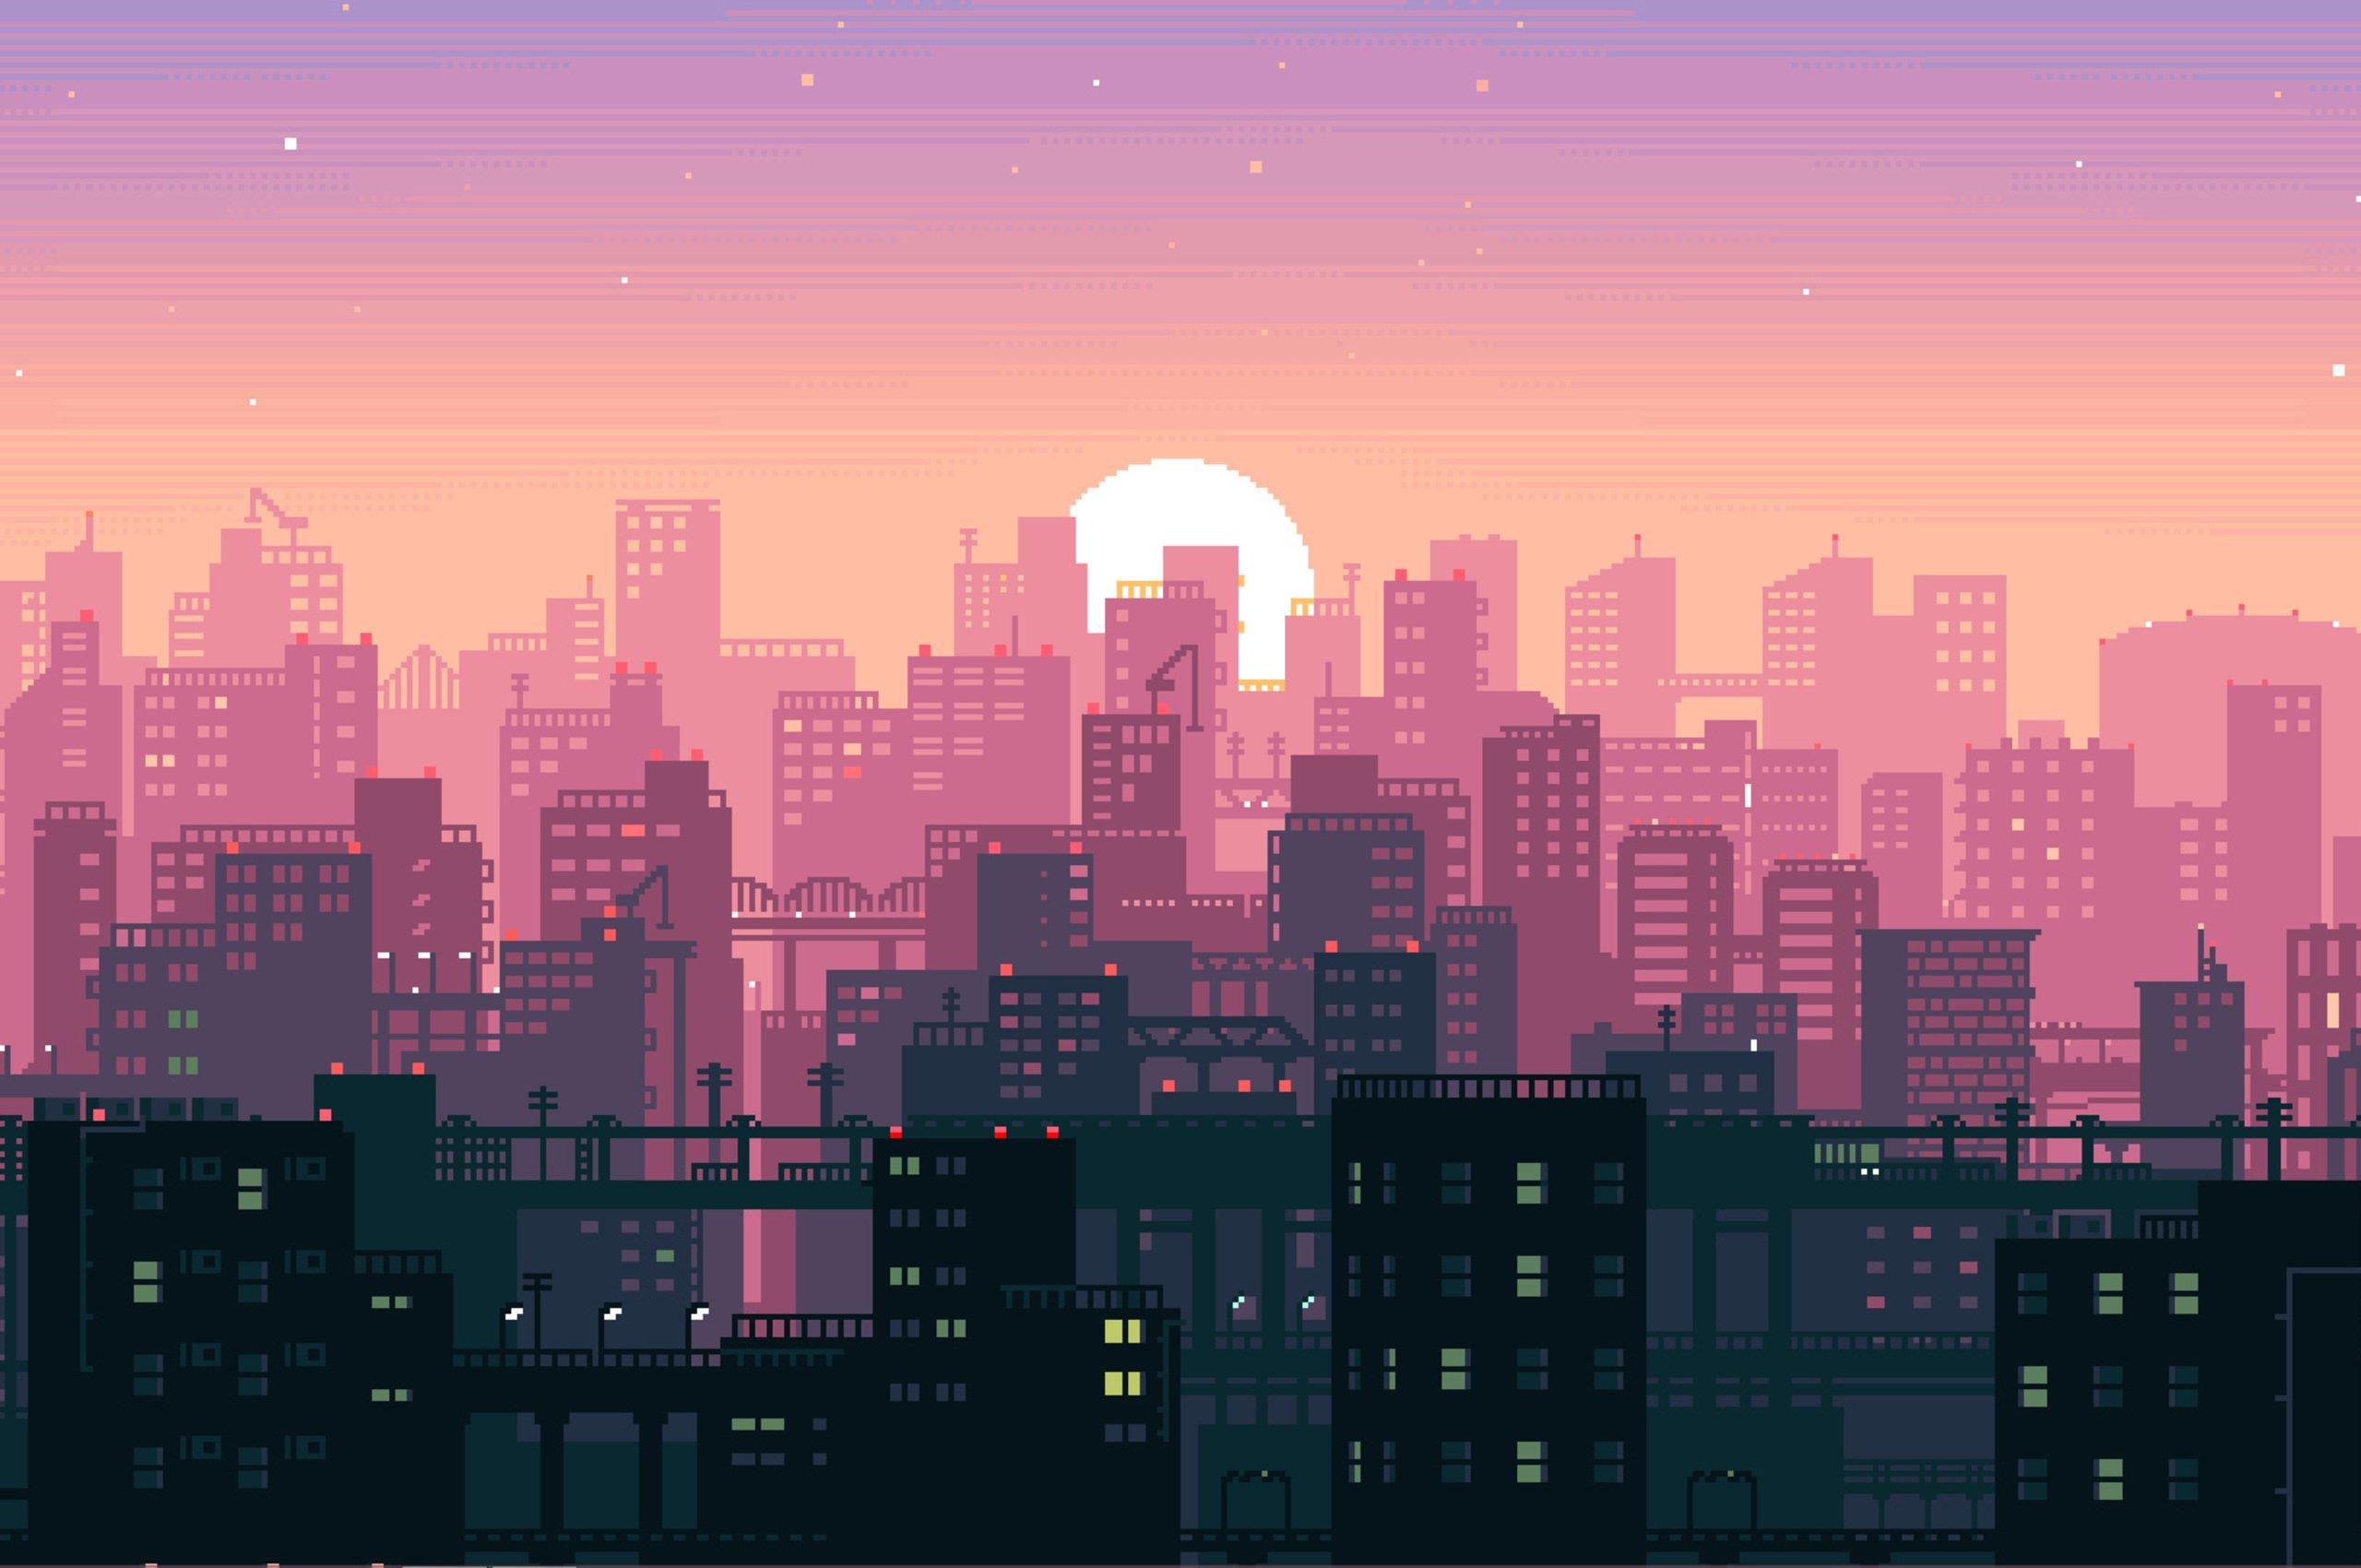 8-Bit Sunset HD wallpaper